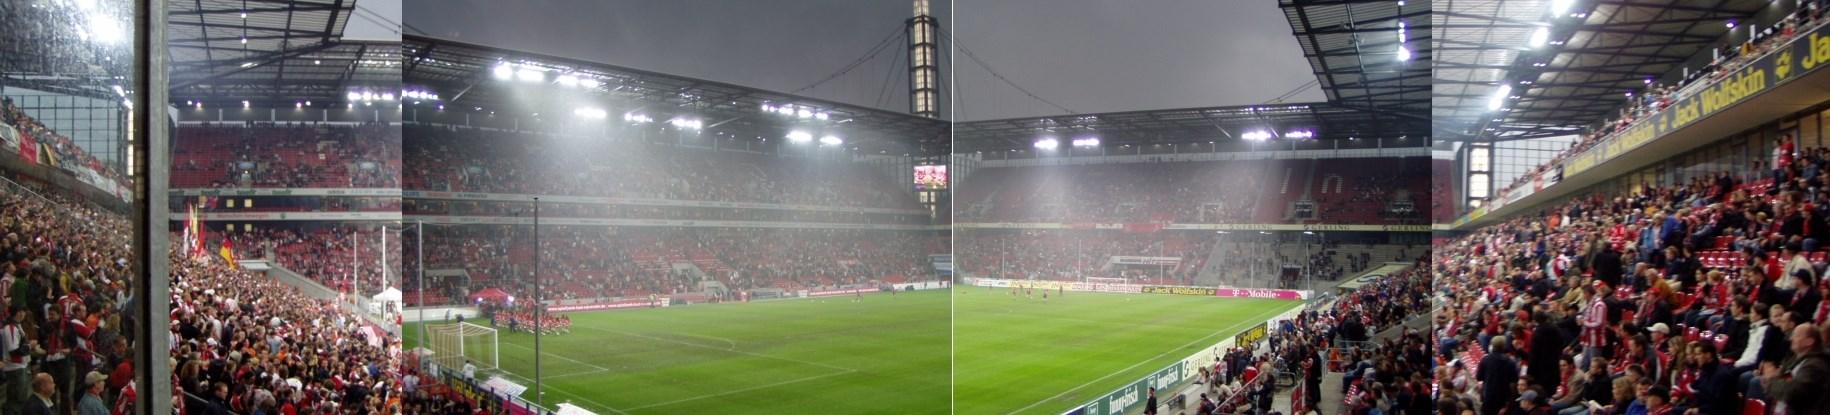 stadium-inside-composite-21